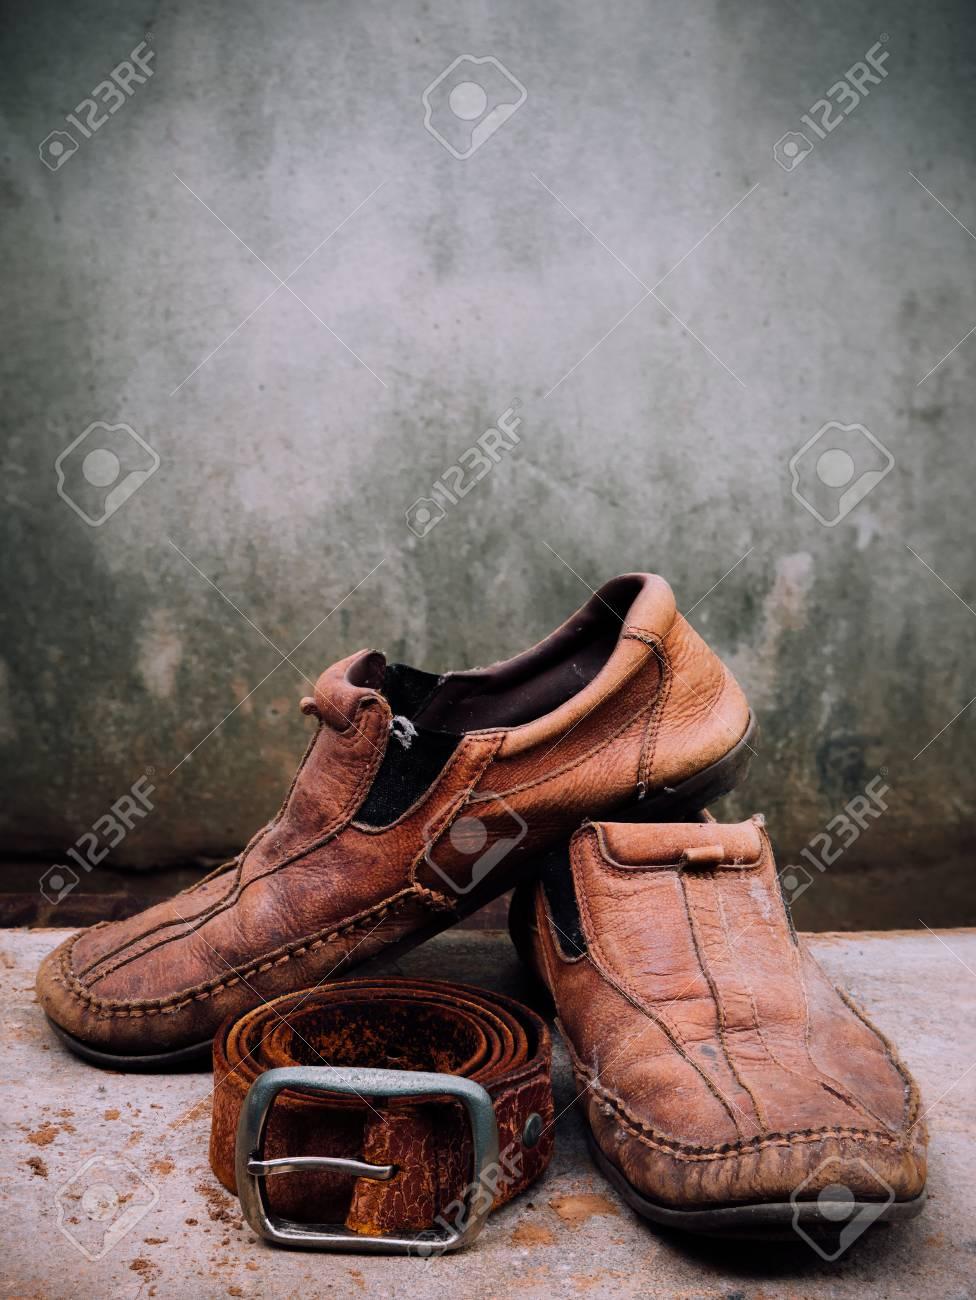 Bodegón O De Cuero Piel Zapatos Mal CinturónEs Sucia Nuevos Y EstadoHora Repararlos Cambiar Más Viejo En LSGqzVUMp